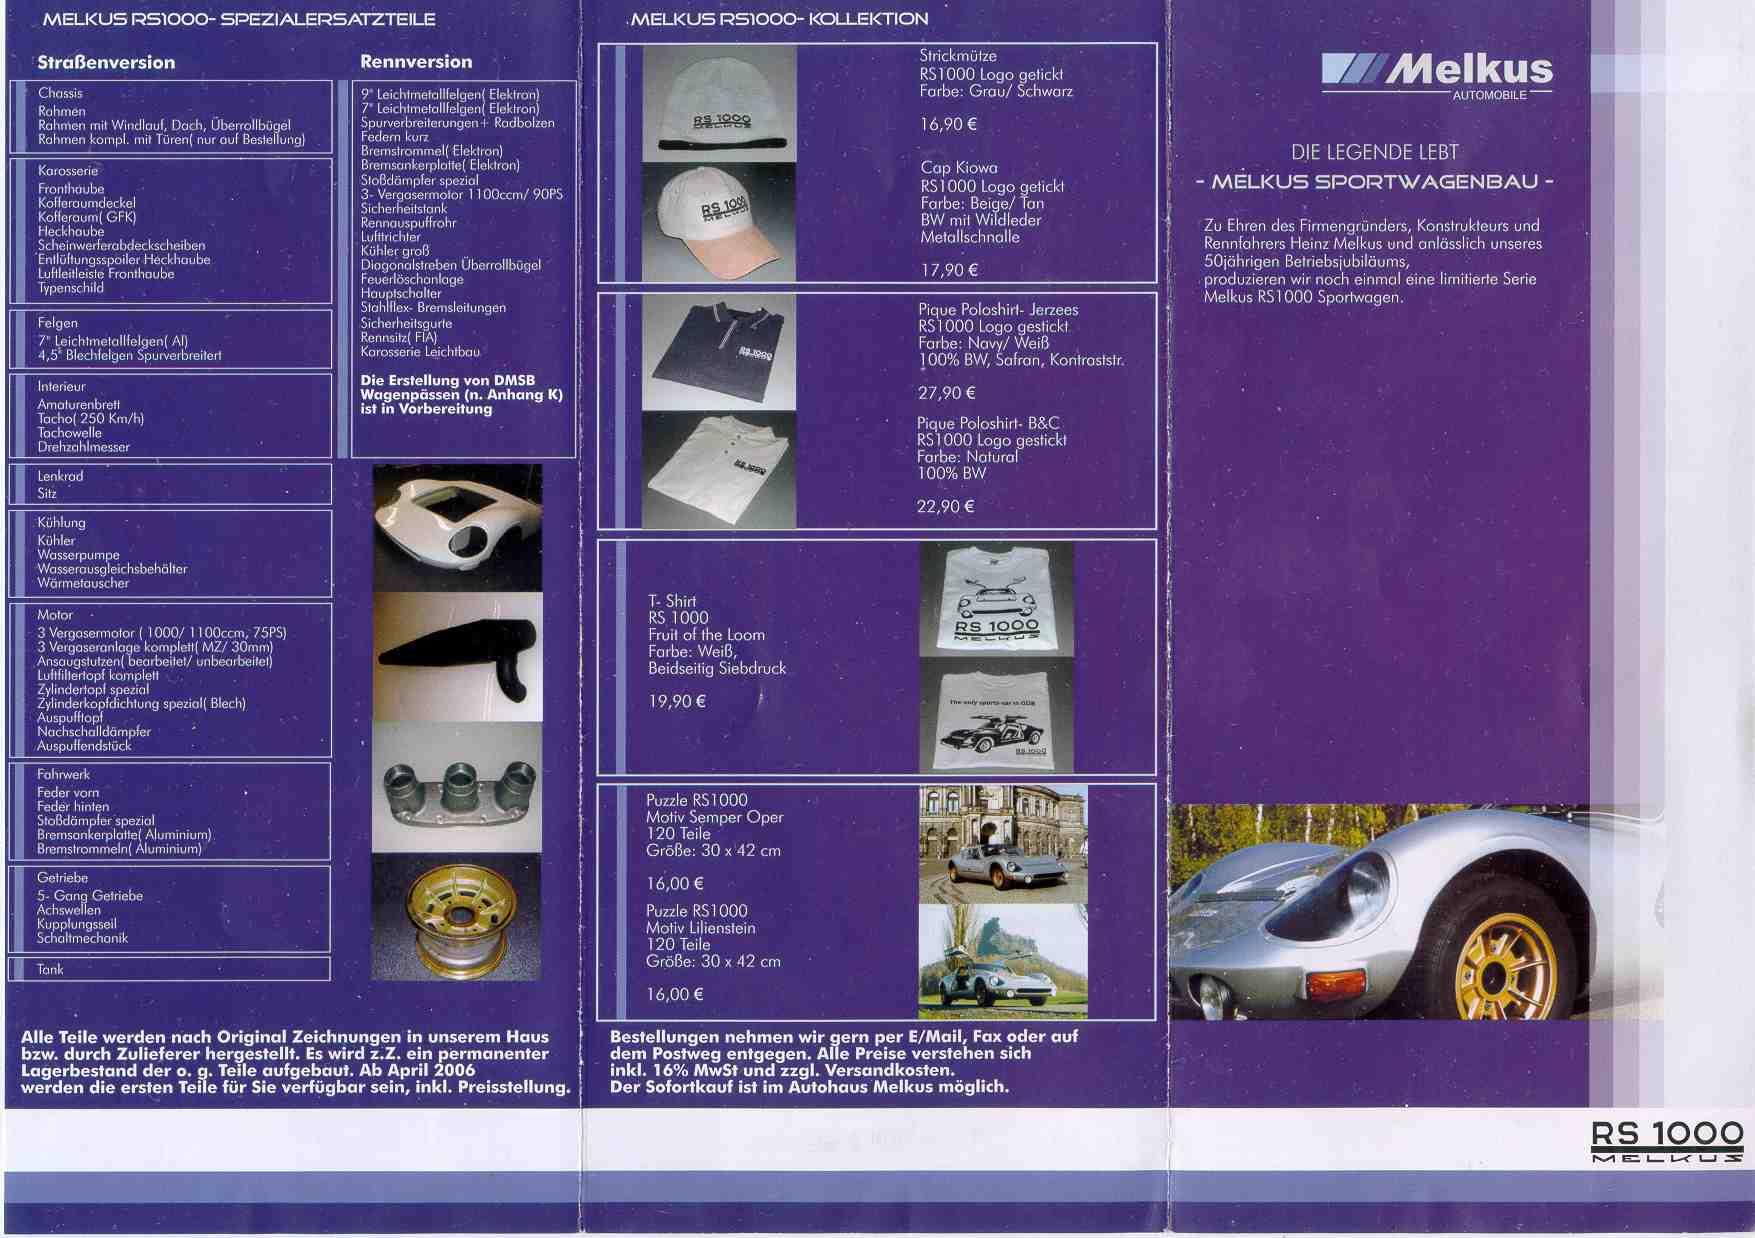 melkus rs 1000 prospekt 2006. Black Bedroom Furniture Sets. Home Design Ideas